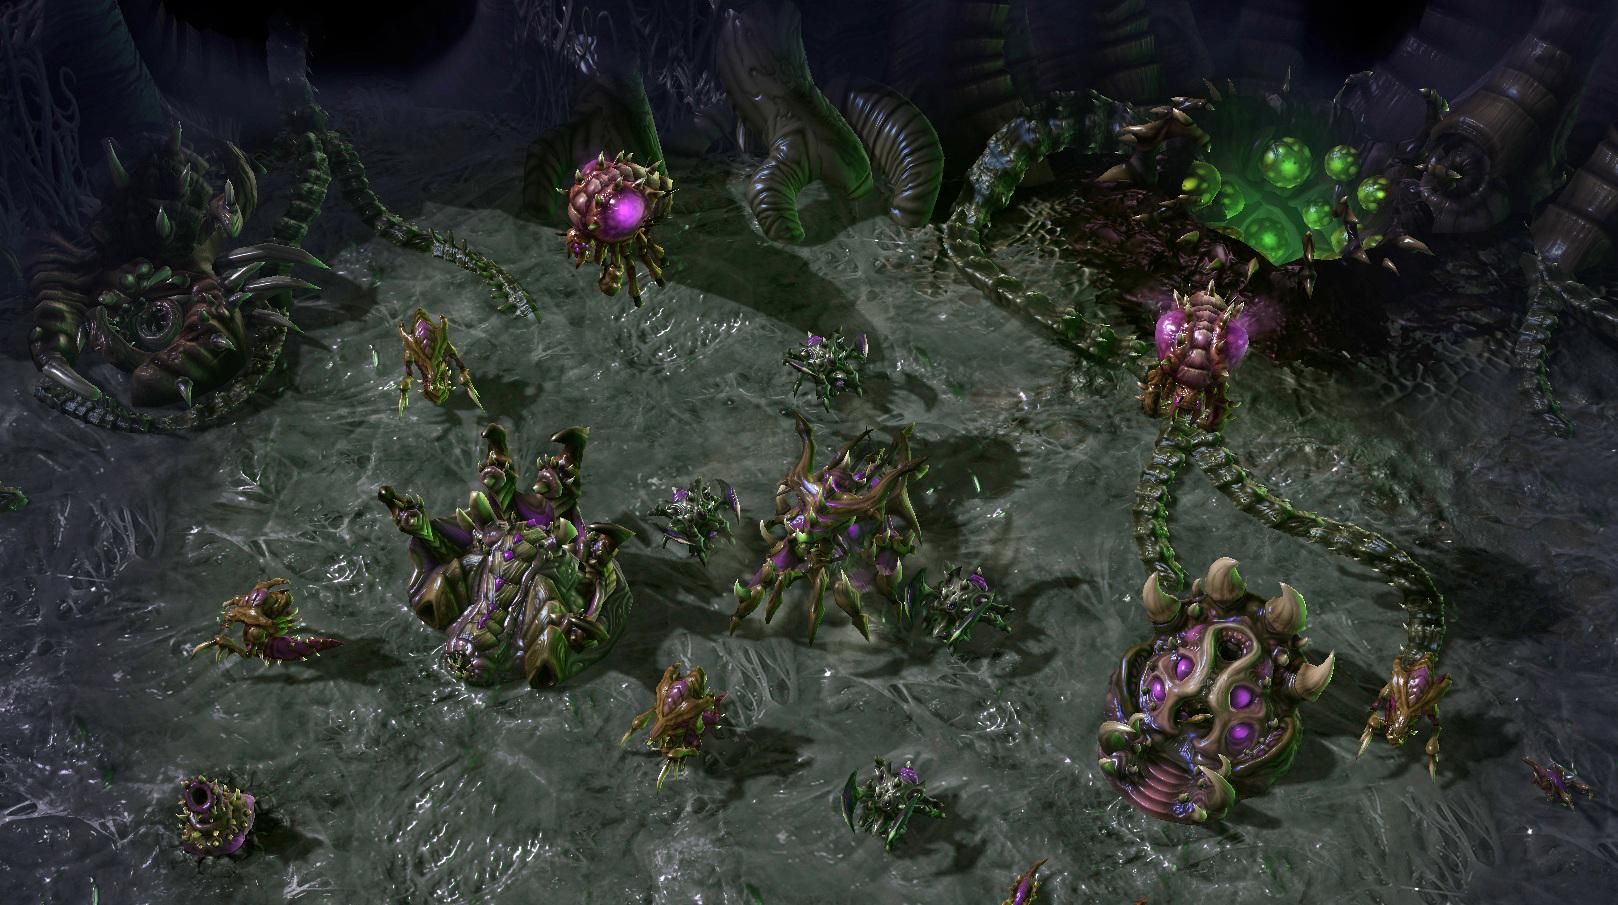 Imágenes de Starcraft 2: Heart of the Swarm y algunos detalles